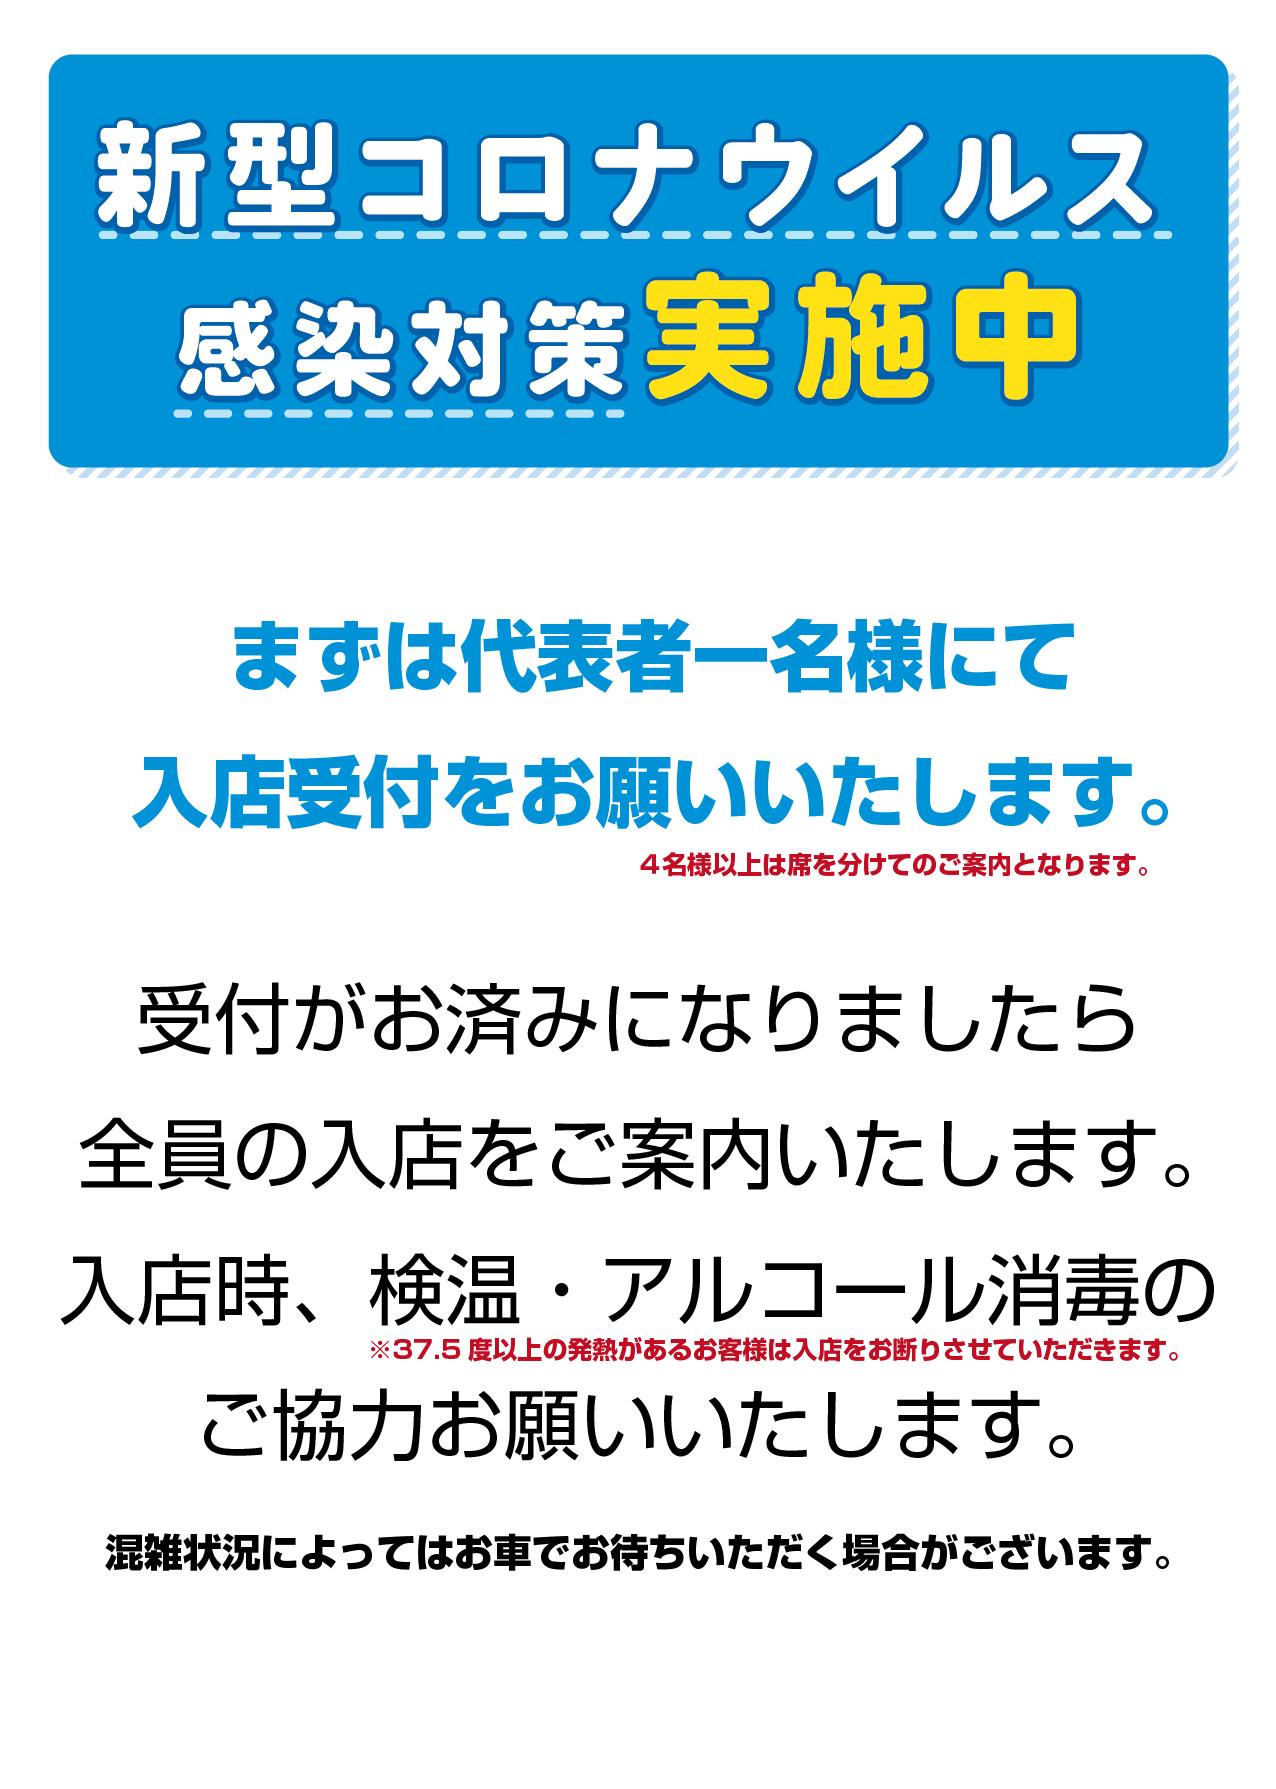 入店時案内コロナ対策-01